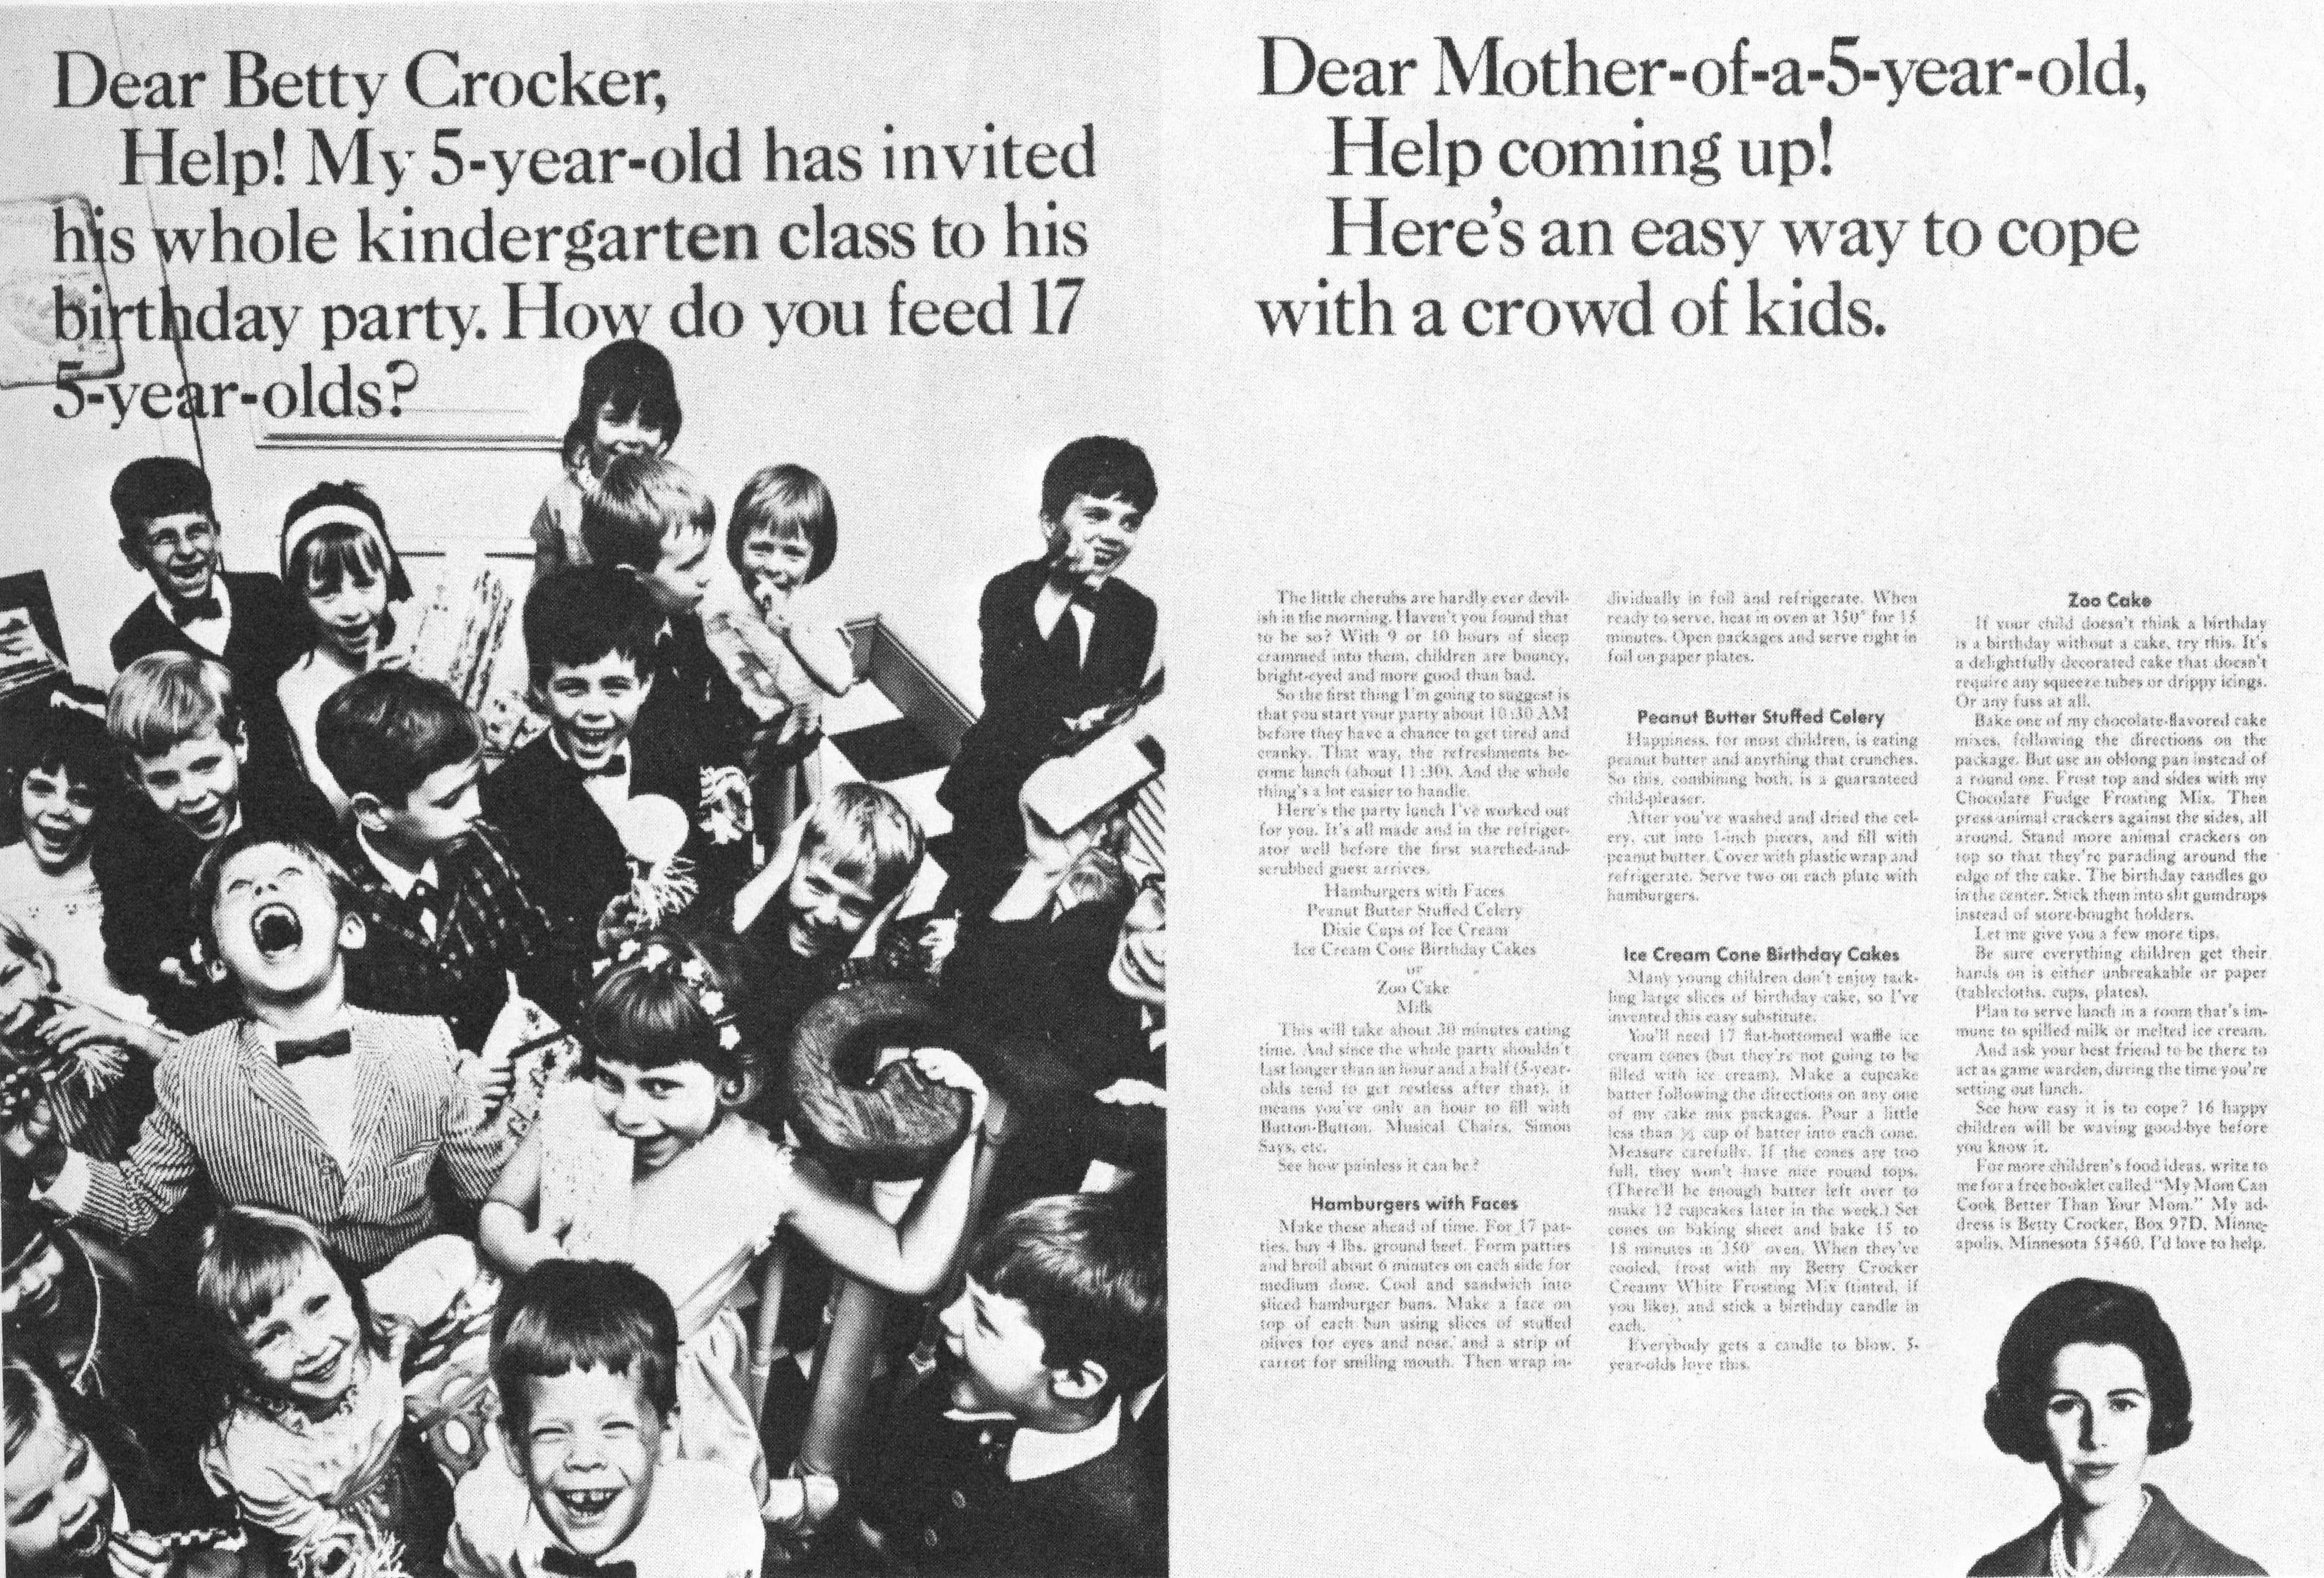 'Dear' Betty Crocker, Howard Zieff, DDB NY-01.jpg